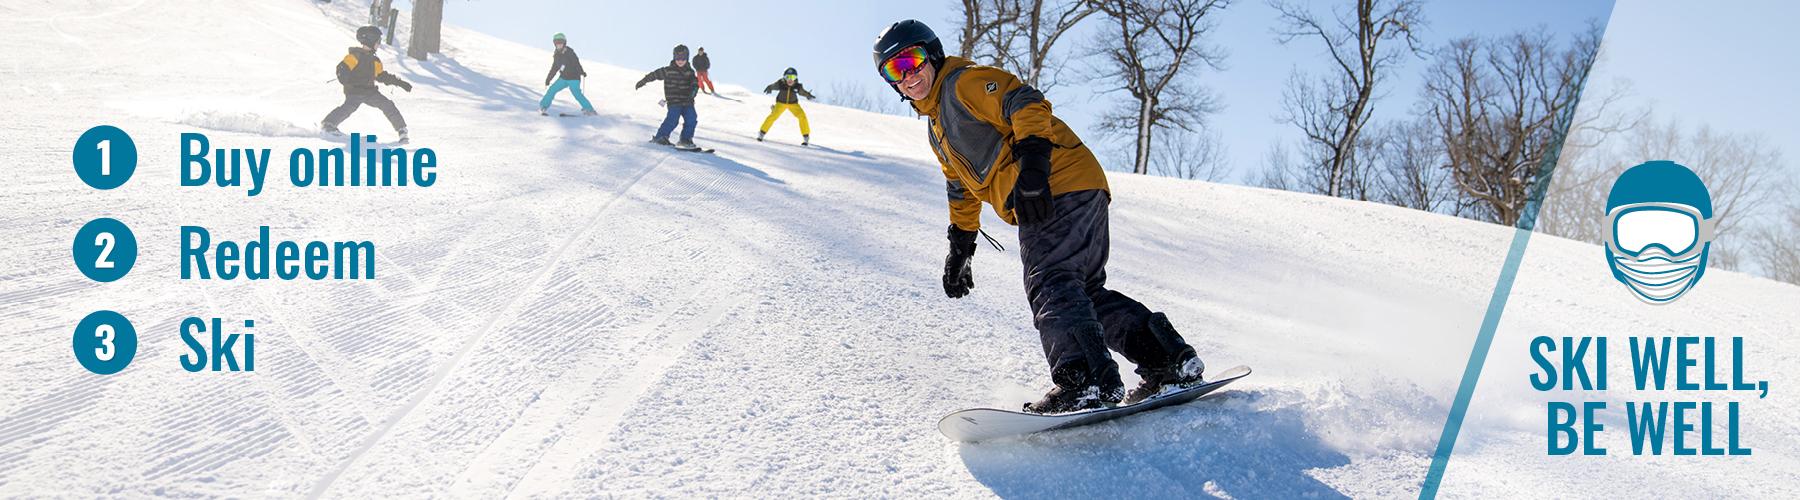 Ski 3 steps